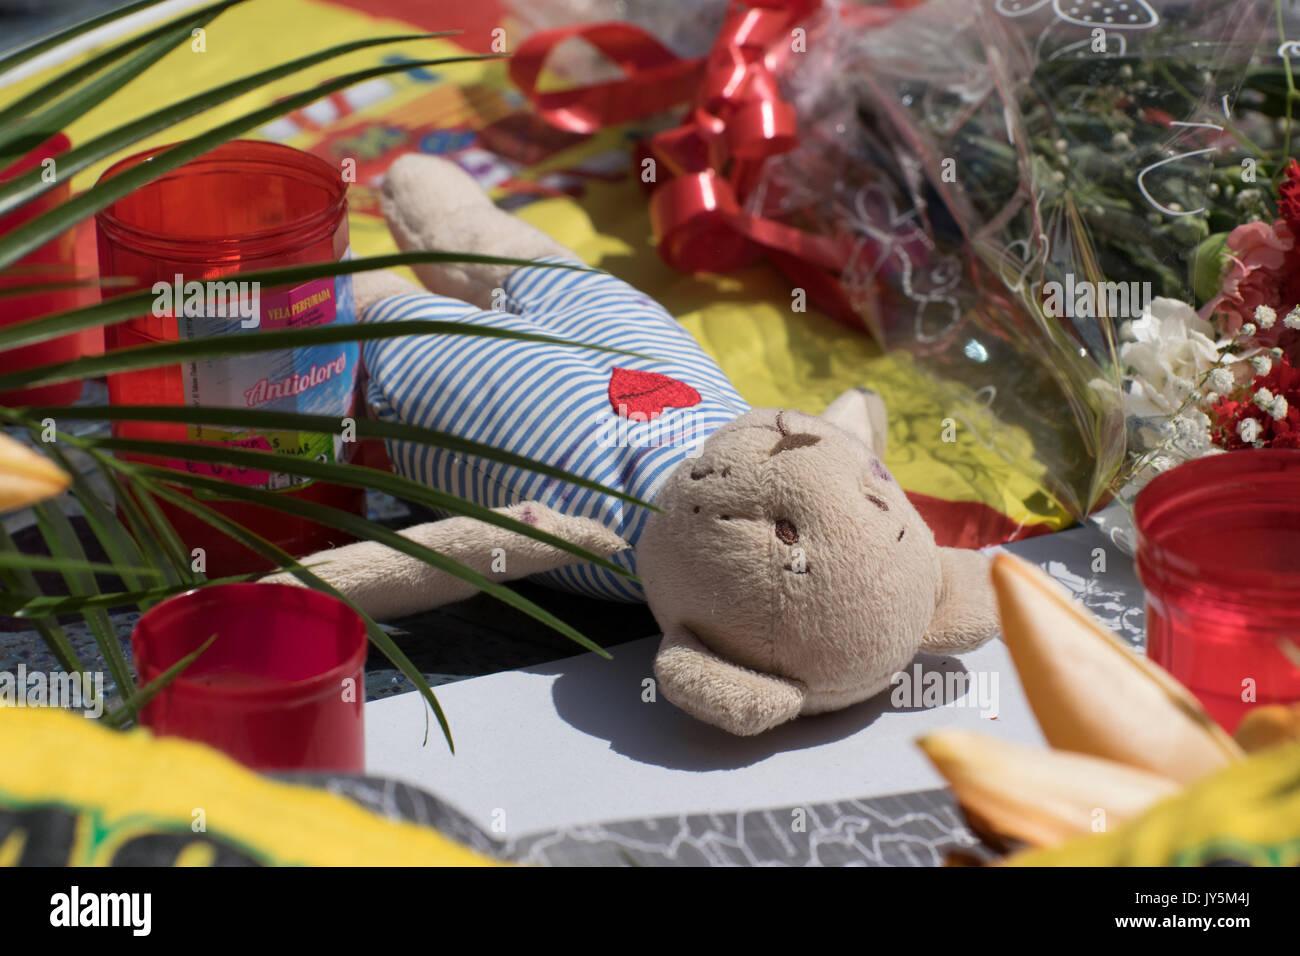 Barcelone, Espagne. 18 août, 2017. Une veillée organisée sur Las Ramblas rue le lendemain d'une van terroriste tué 13 piétons. Credit: Evan McCaffrey/Alamy Live News Banque D'Images